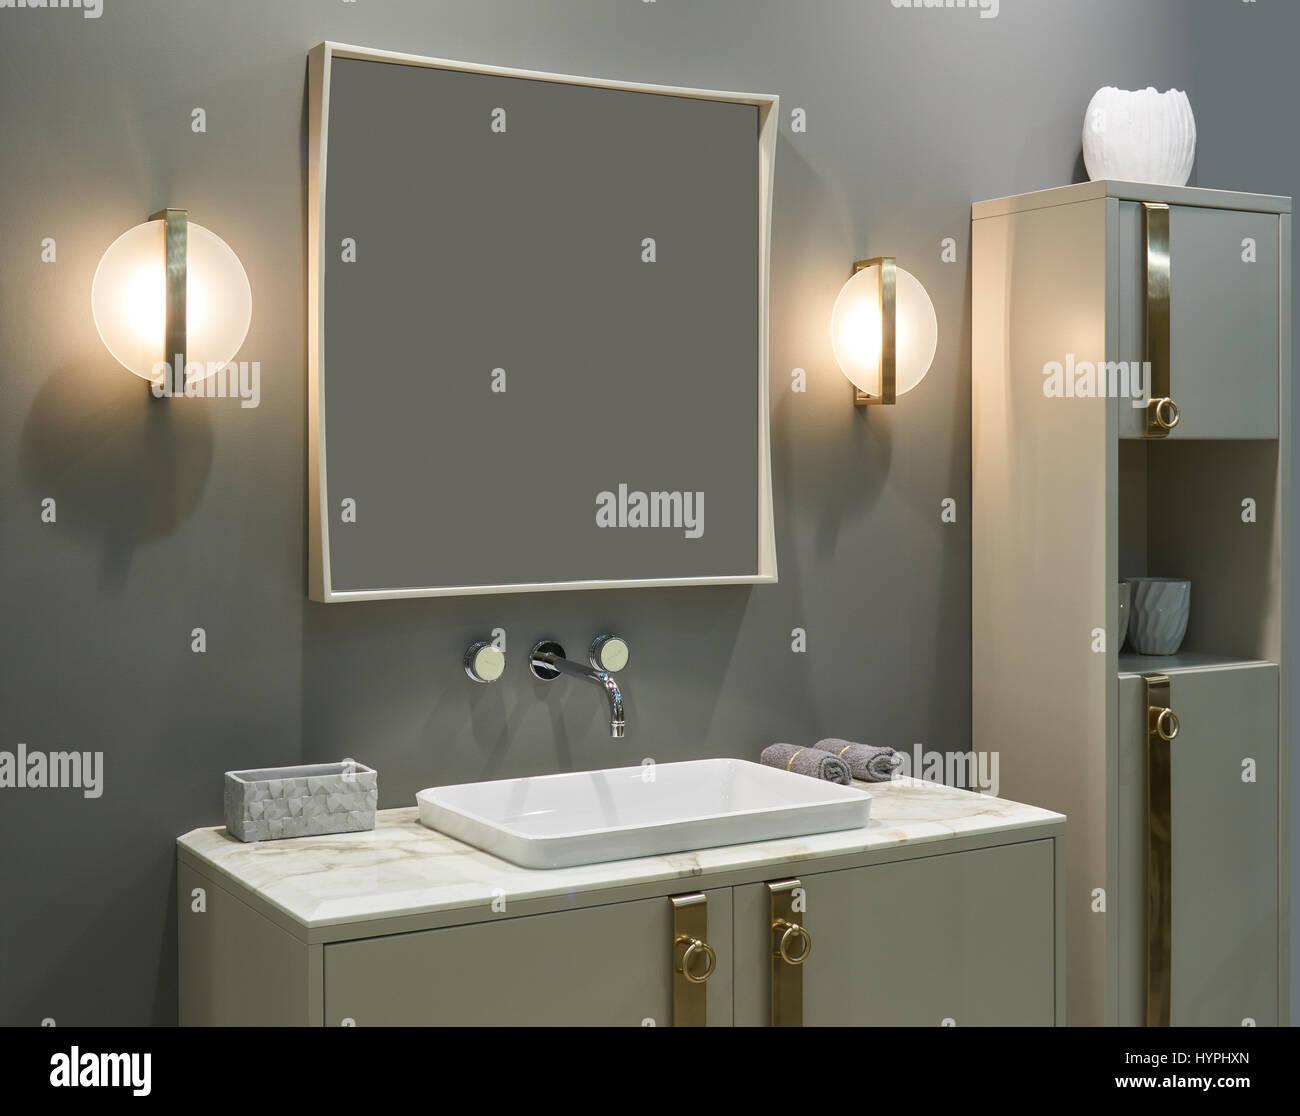 Luxuriöses Interieur Badezimmer: Wand montierten Mischer ...